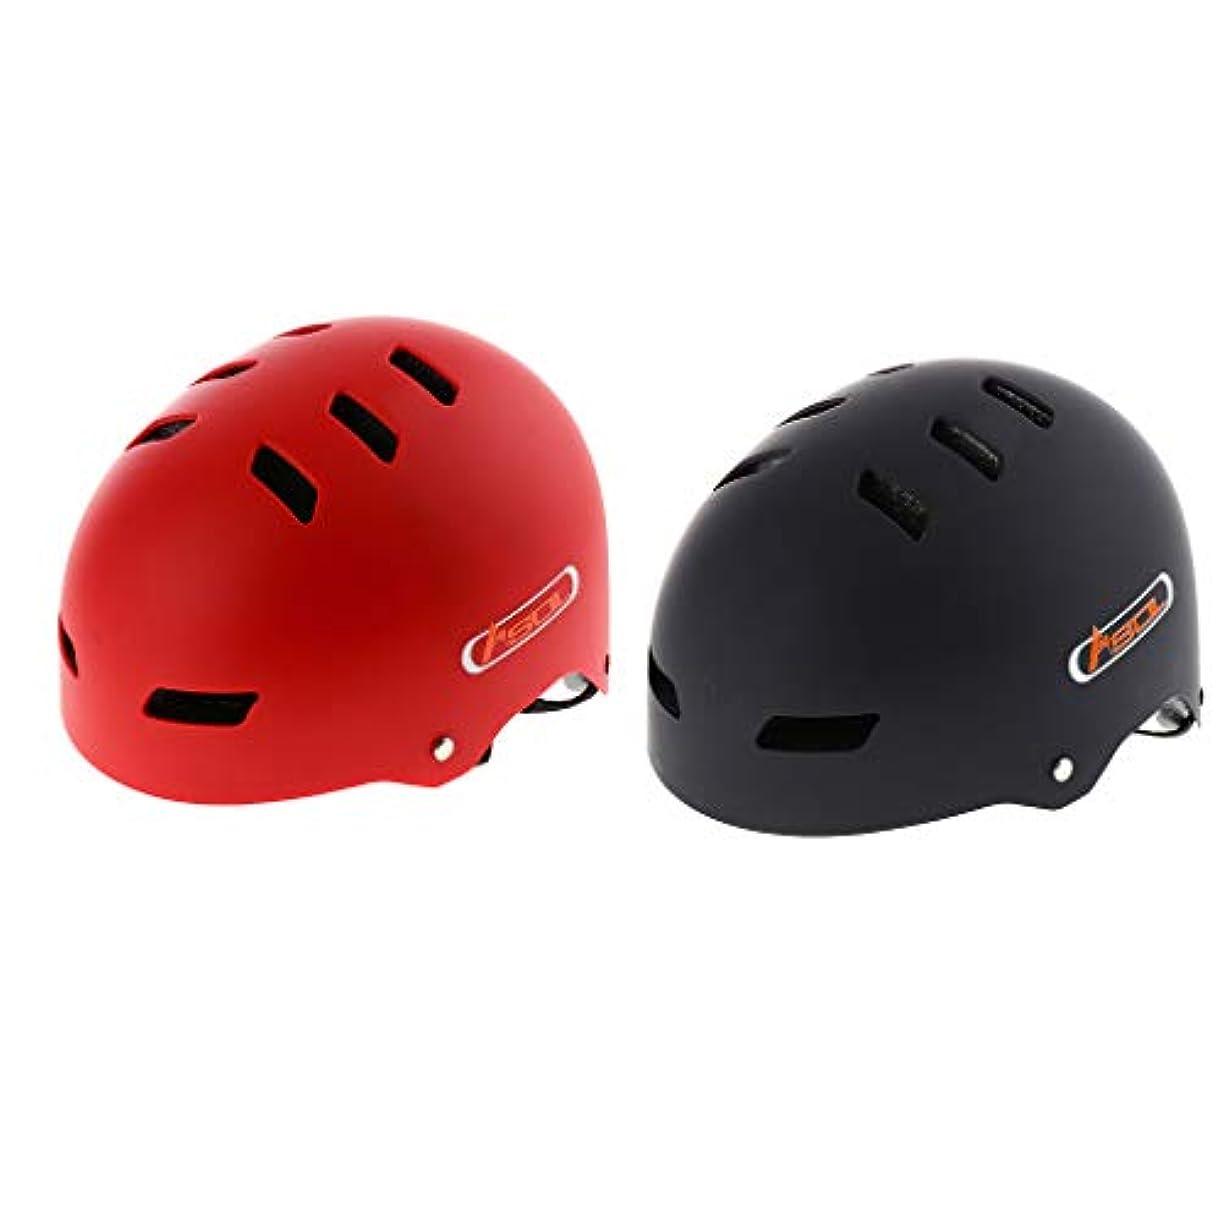 グリット締める店員Perfeclan 登山ヘルメット 大人 頭部プロテクター 保護具 懸垂下降 通気孔 2個